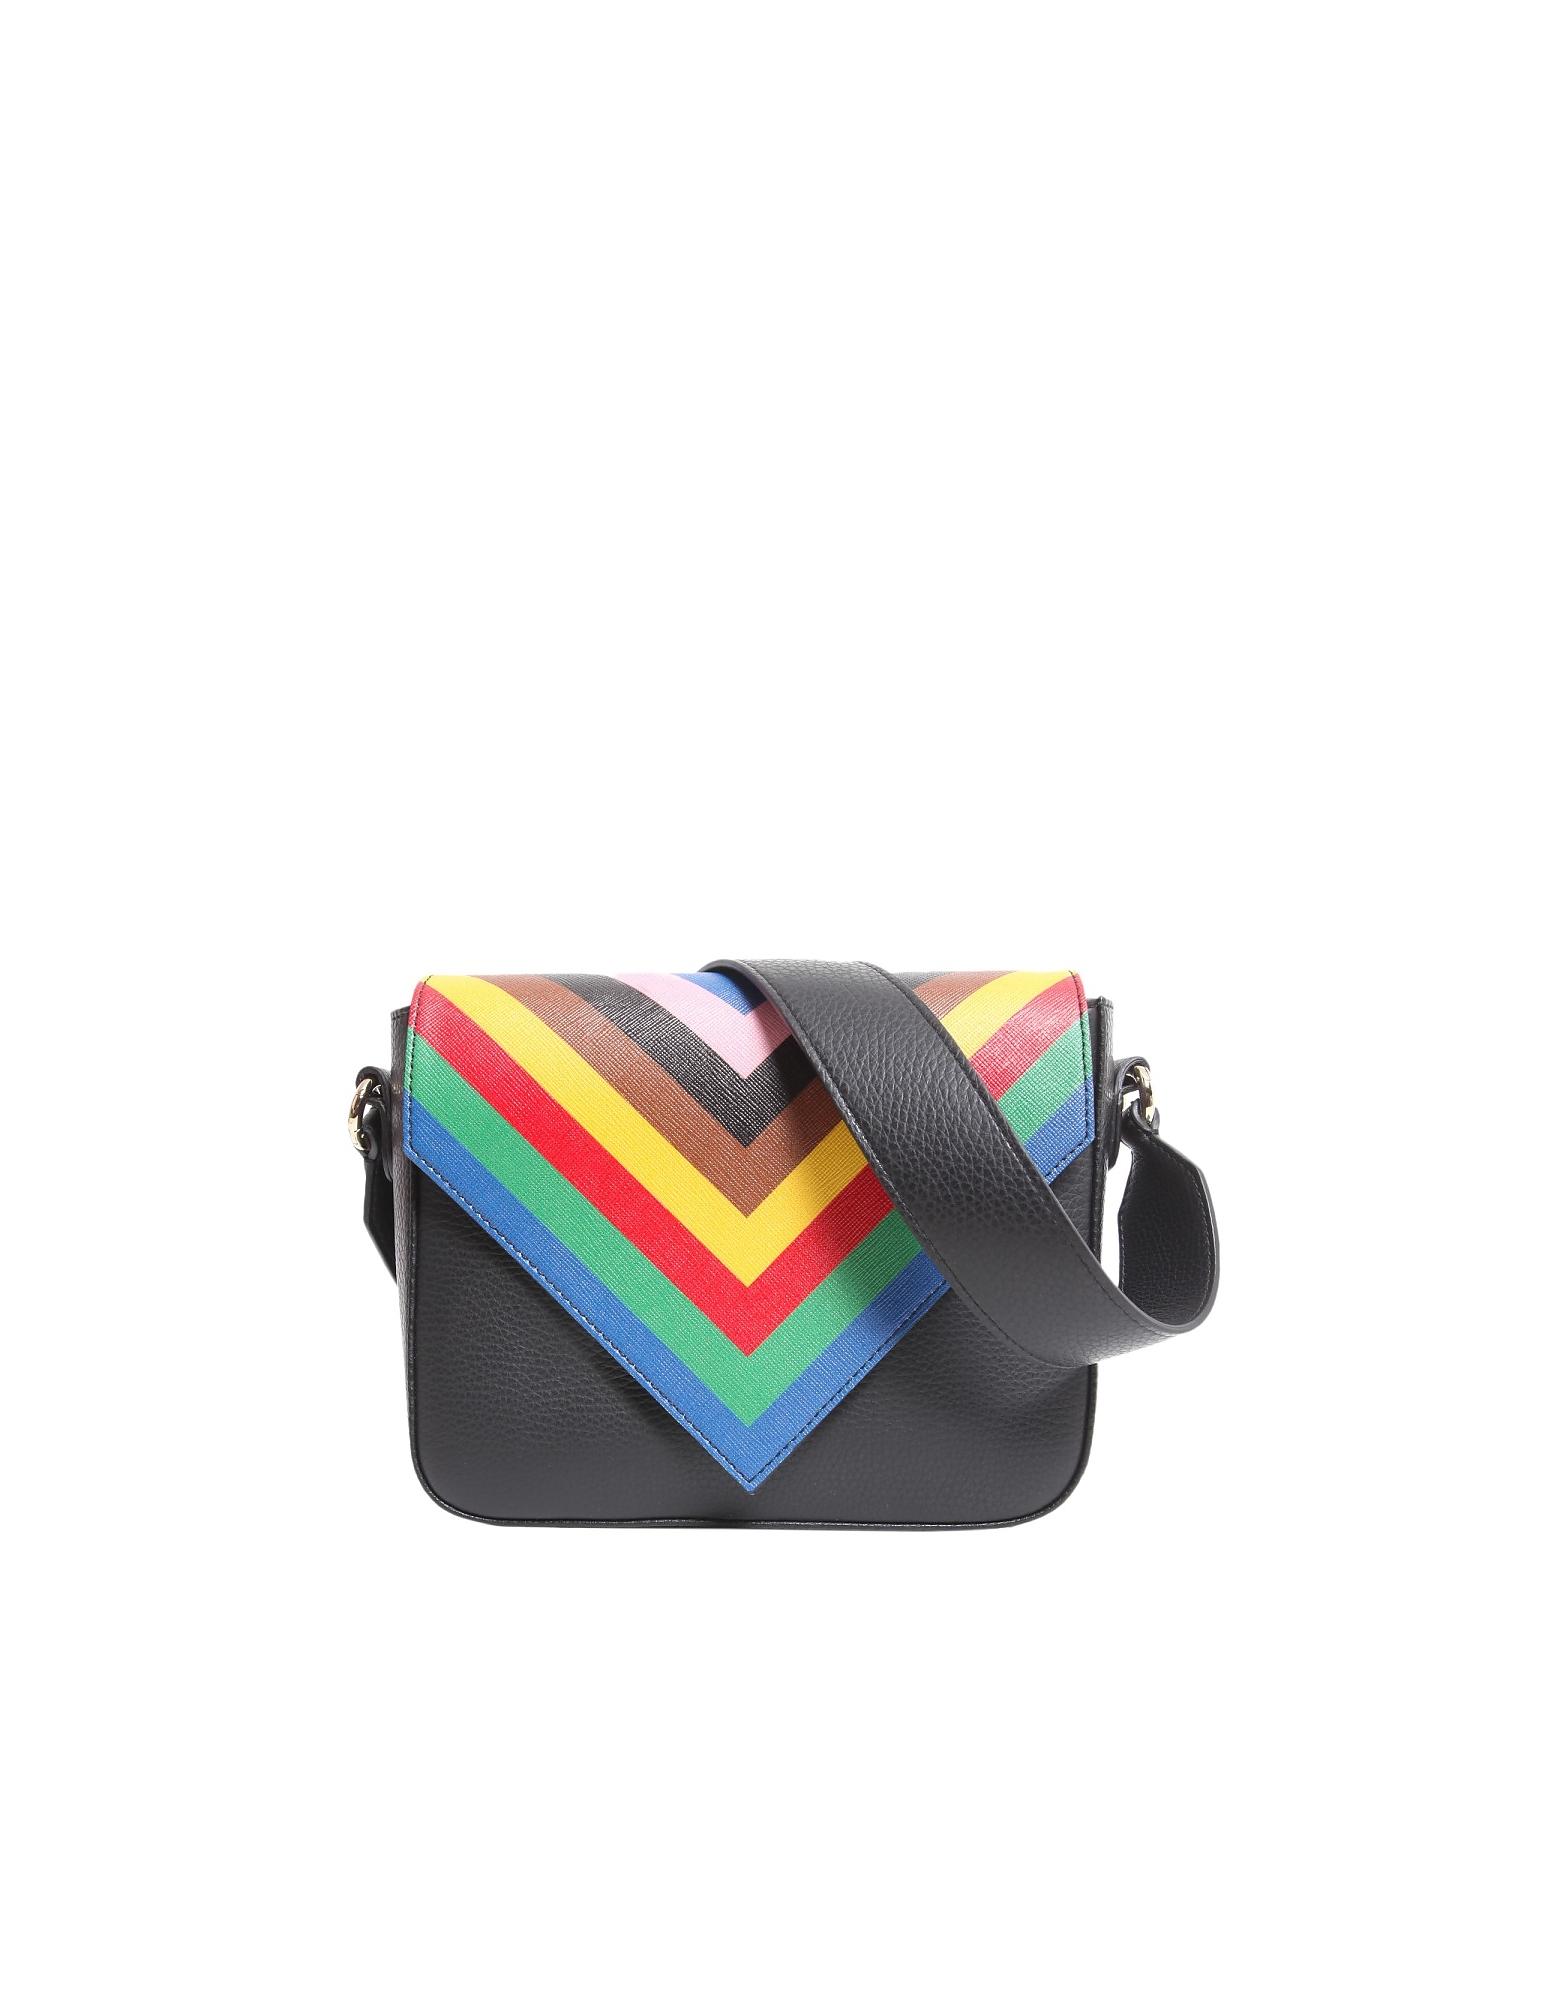 Sara Battaglia Designer Handbags, Tripe Crossbody Bag